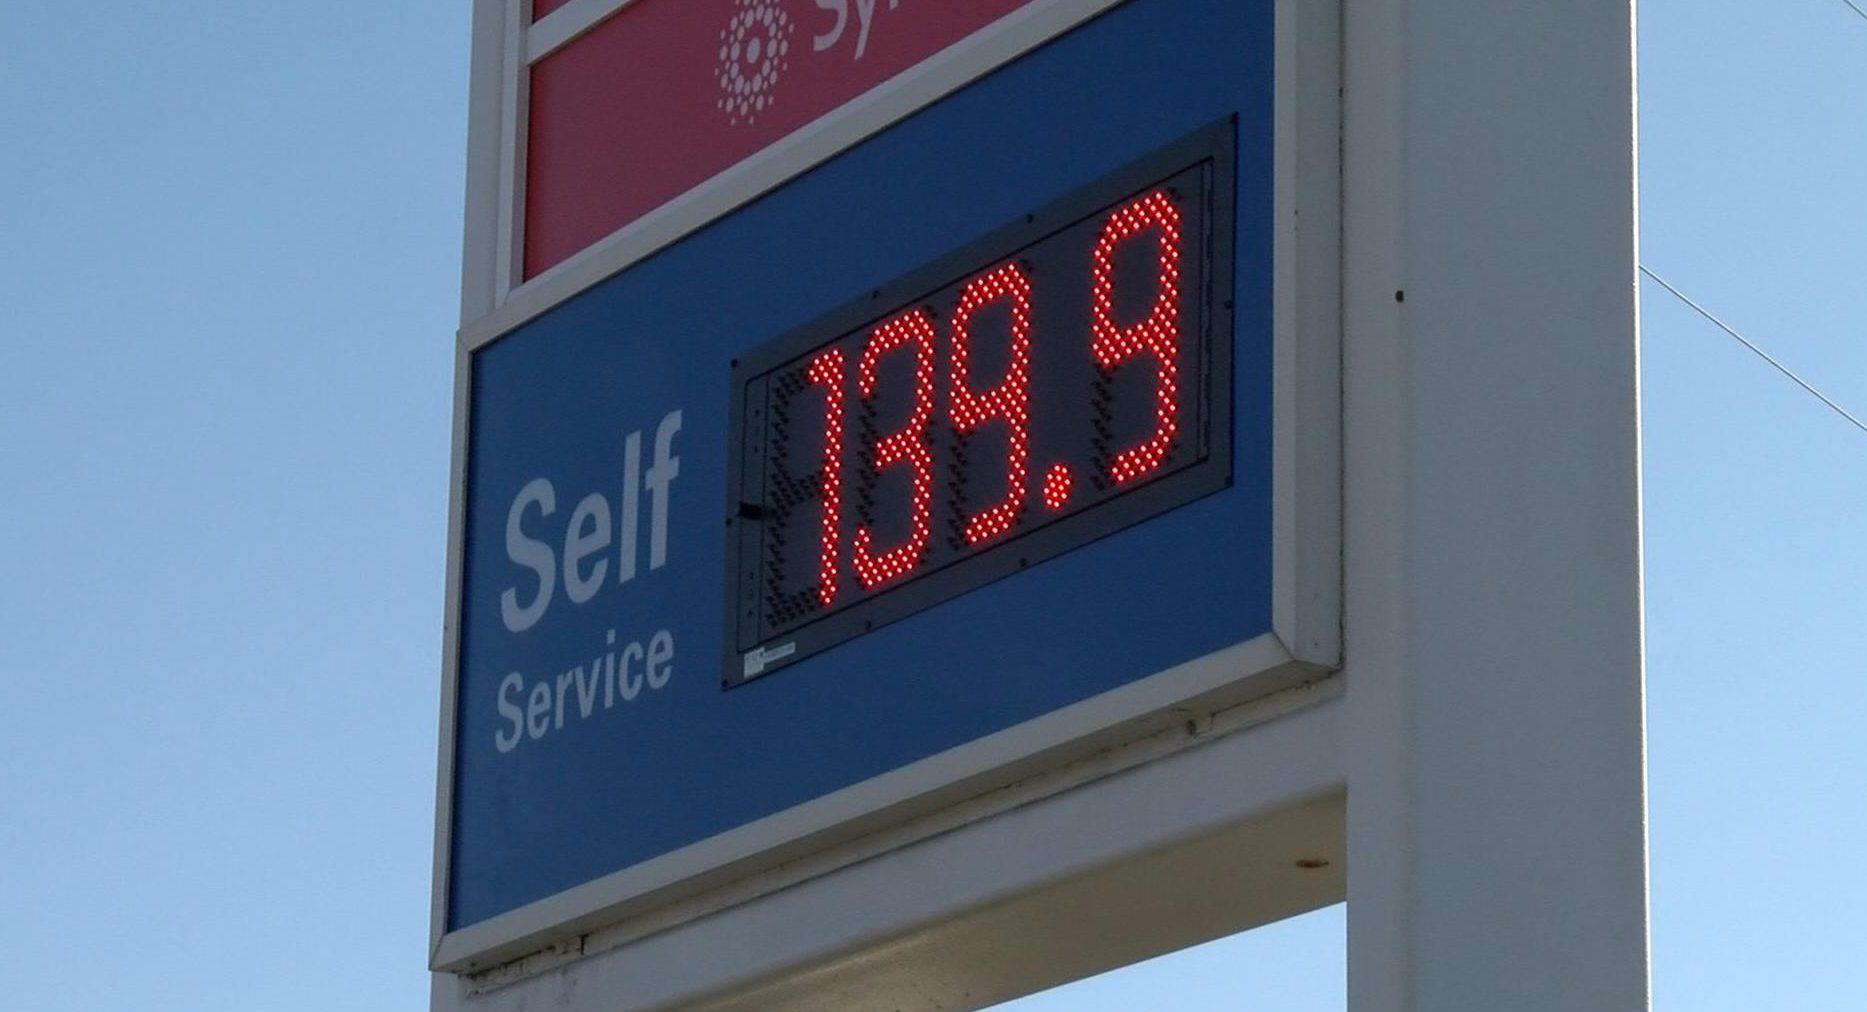 메트로밴쿠버 가스가격 1.4달러대로